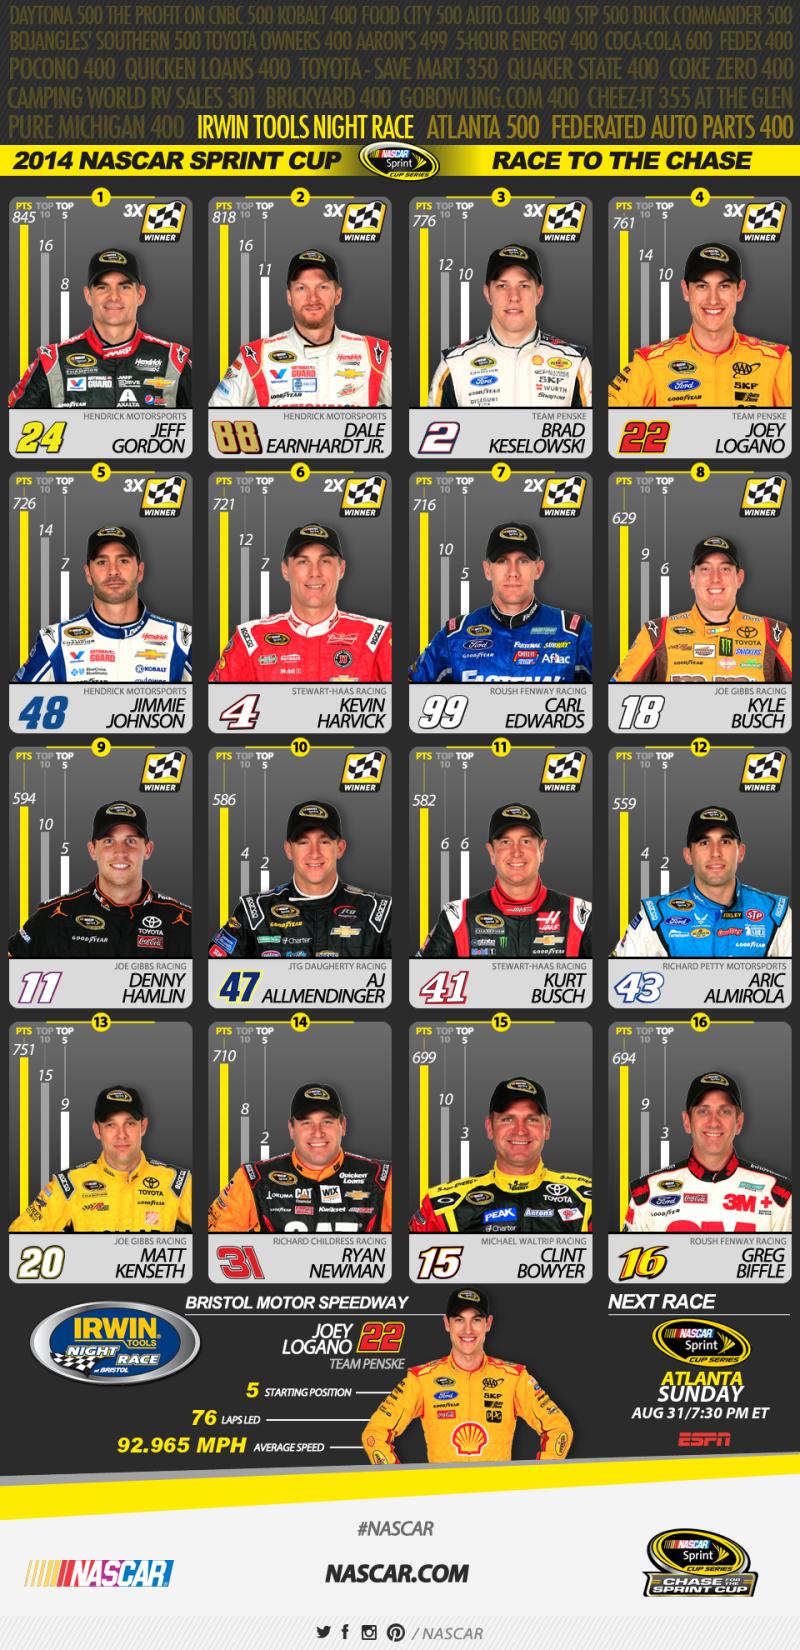 NASCAR Sprint Cup ranking 8-23-2014